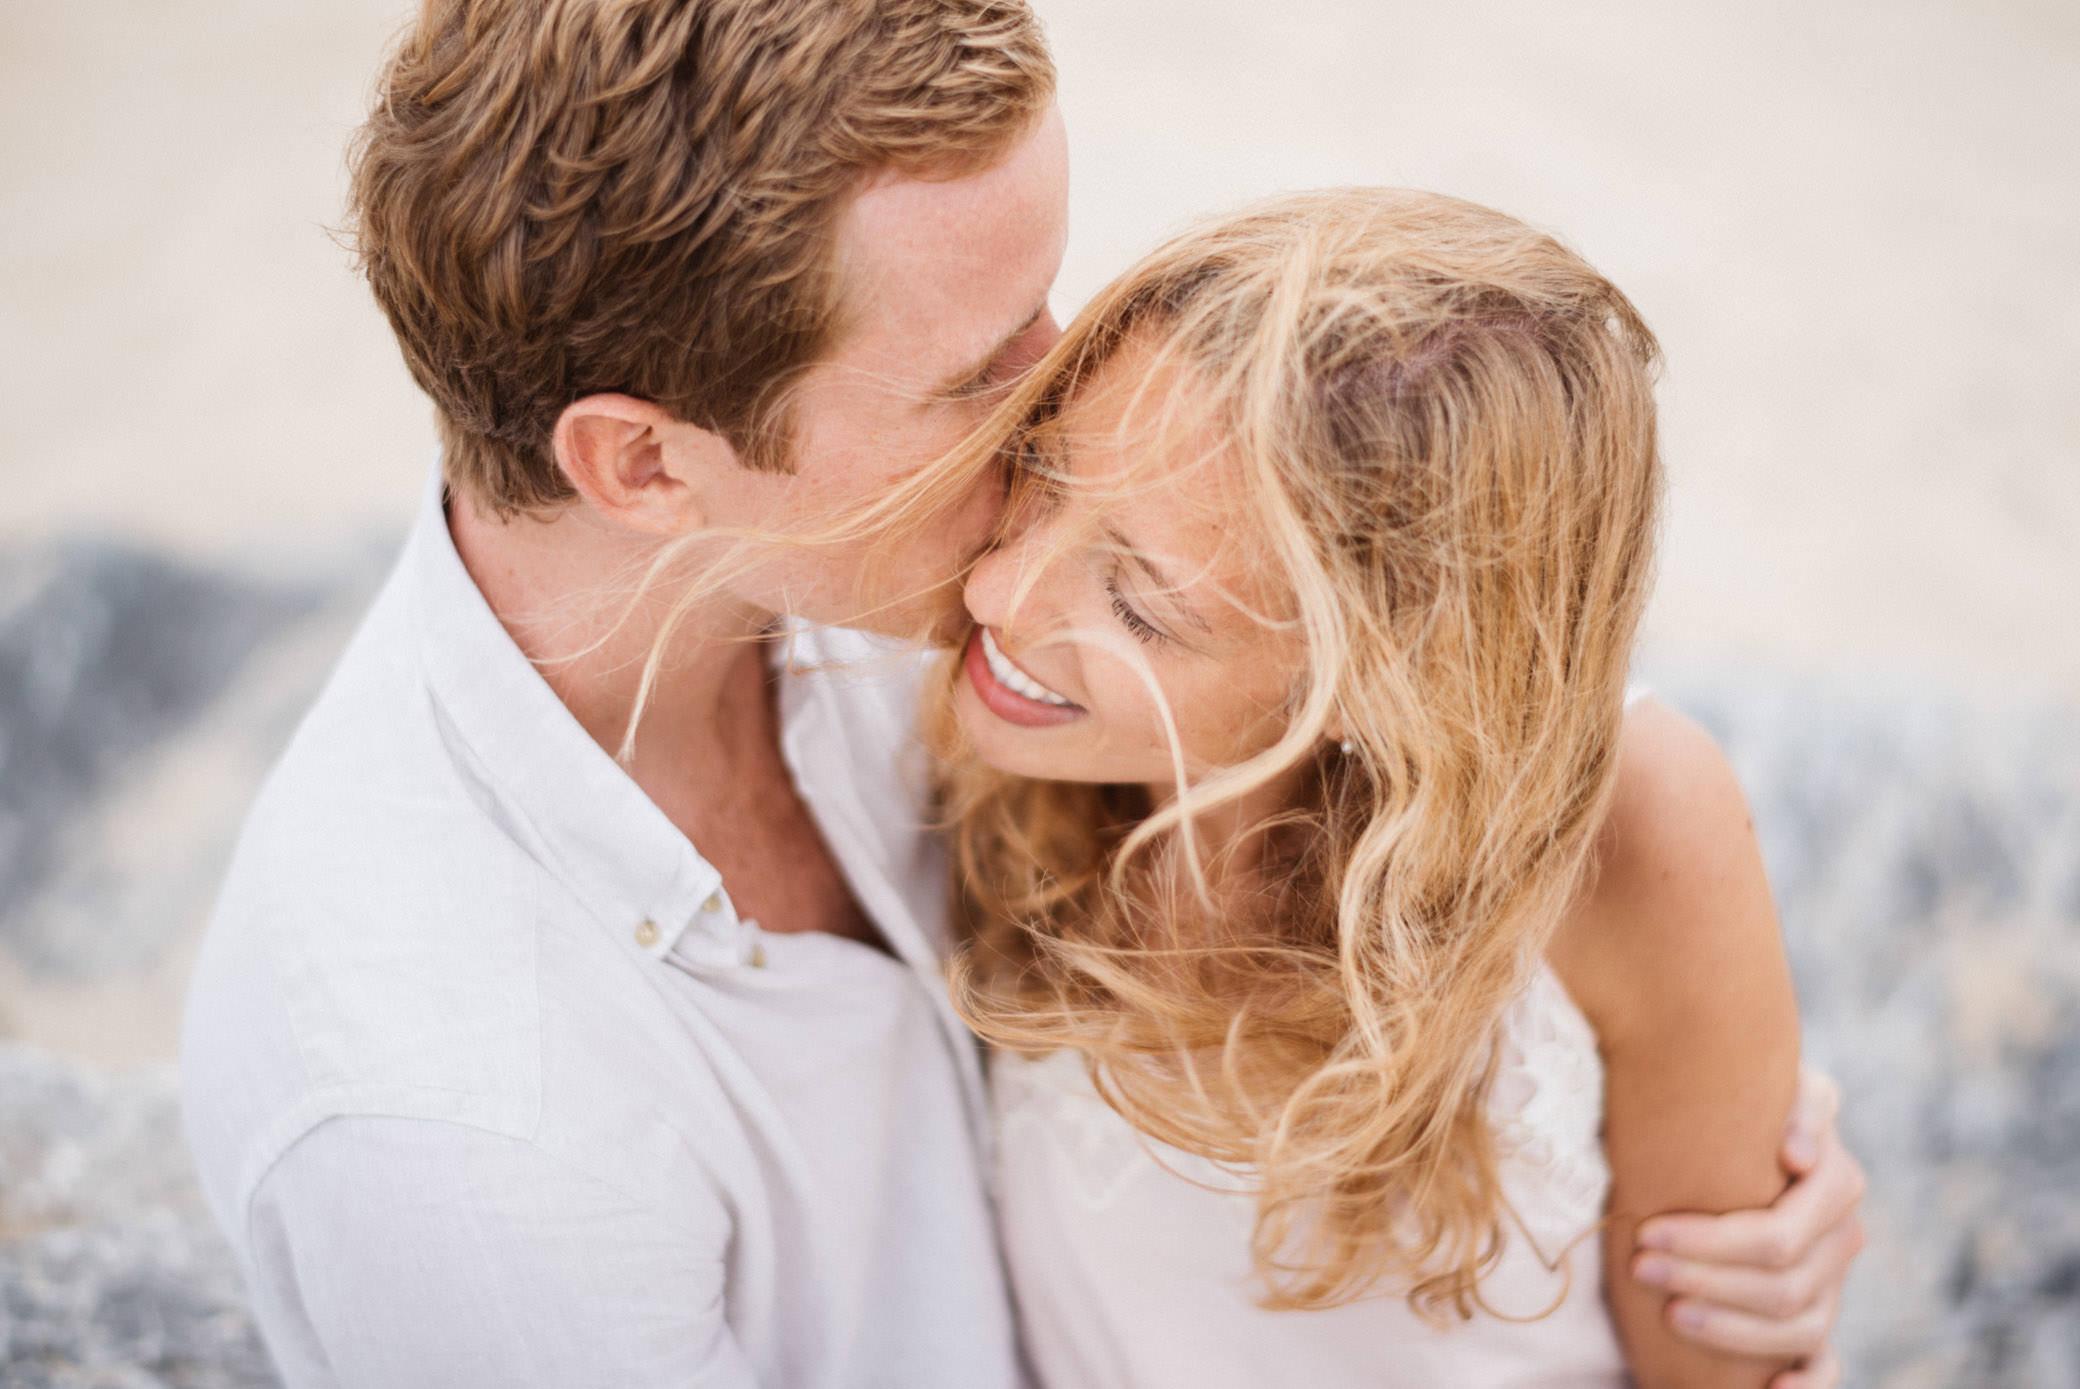 photographe-seance-couple-var-lyon-aix-en-provence-marseille-toulon-grenoble-montpellier